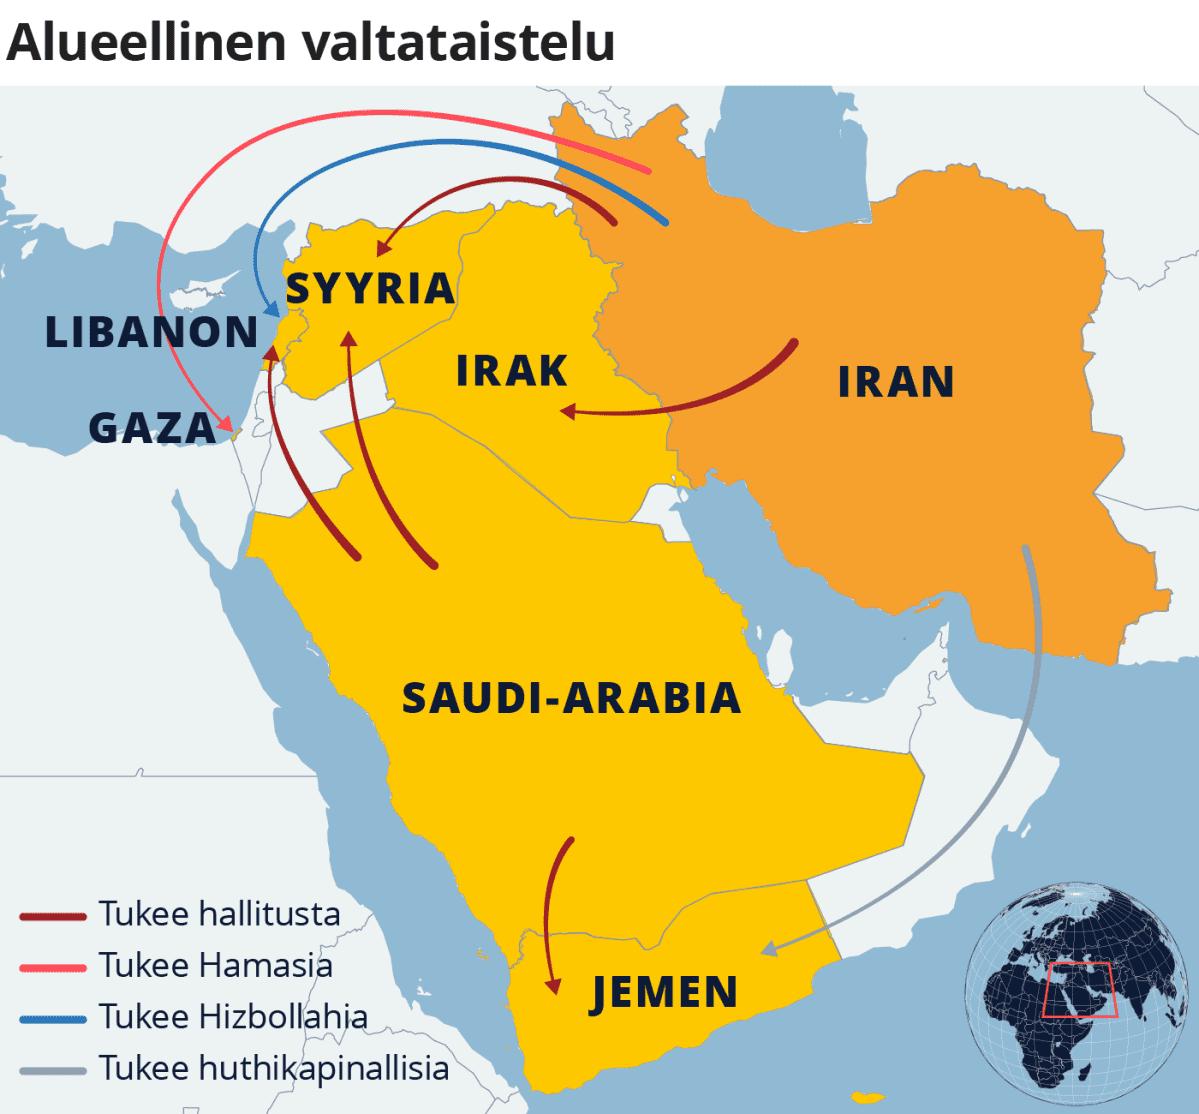 Kartta alueellisesta valtataistelusta Iranin, Saudi-Arabian, Jemenin, Irakin, Syyrian, Libanonin ja Gazan alueella.